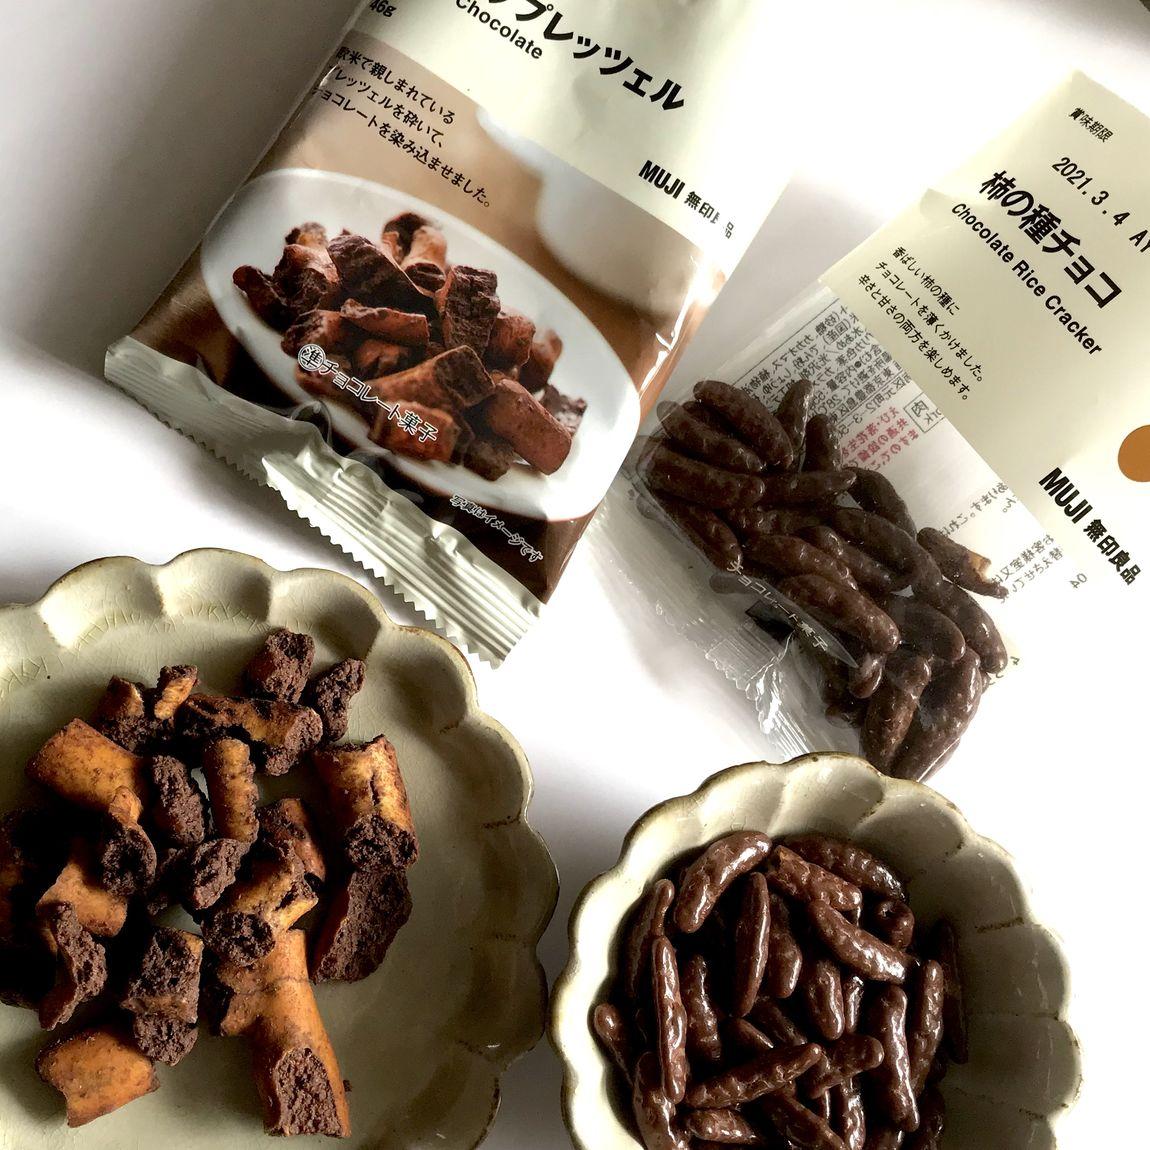 【高崎モントレー】チョコレートがおいしい!新商品